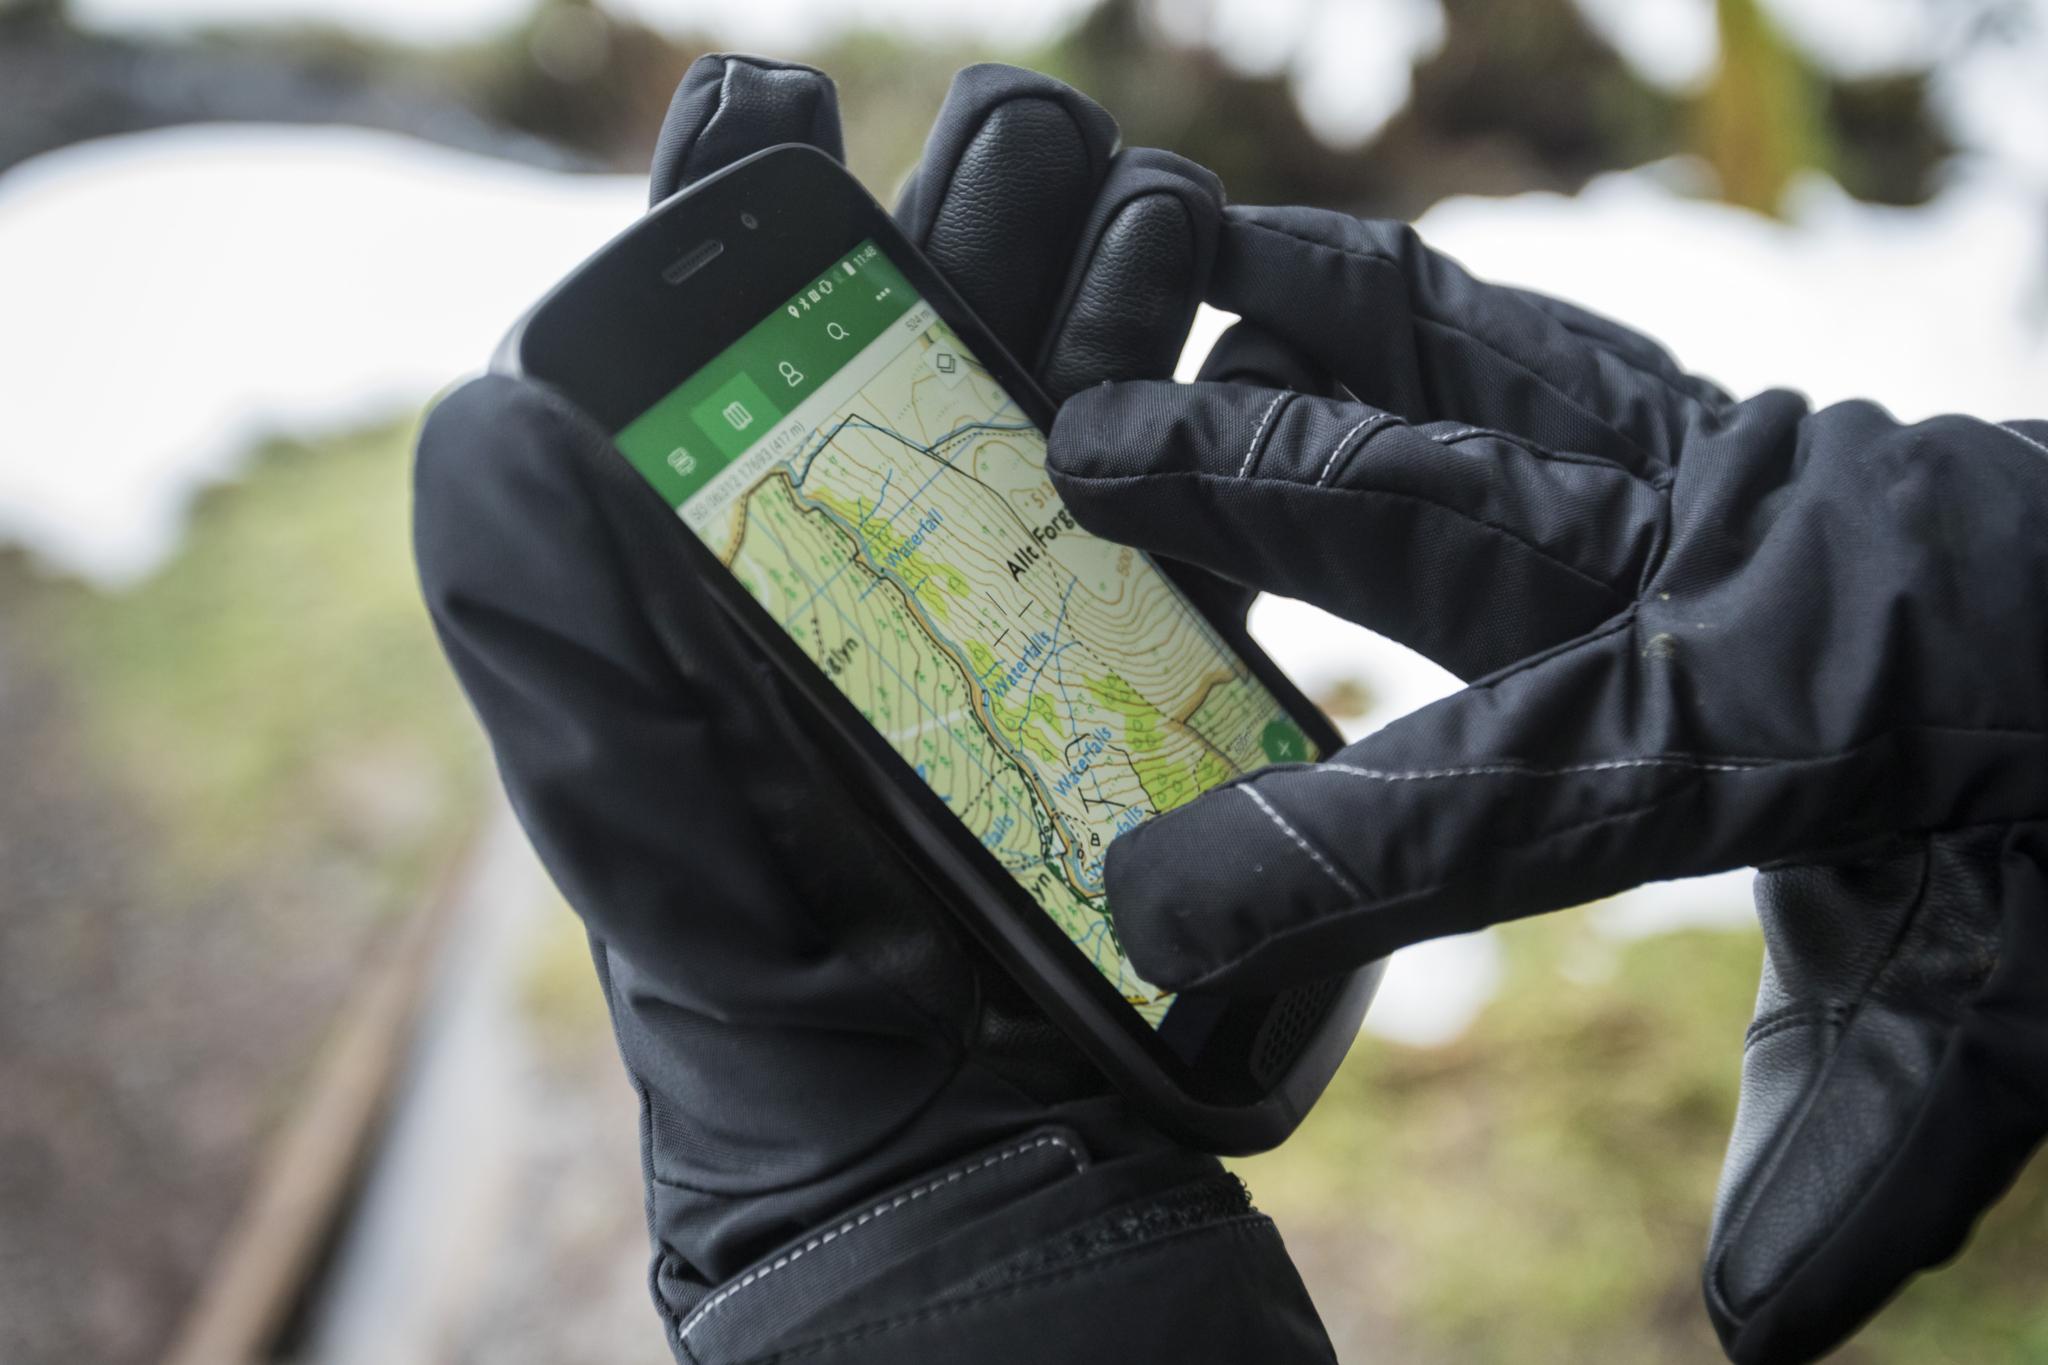 Odolné telefony nevymřely, dnes mají termokameru i snímač kvality vzduchu [sponzorovaný článek]